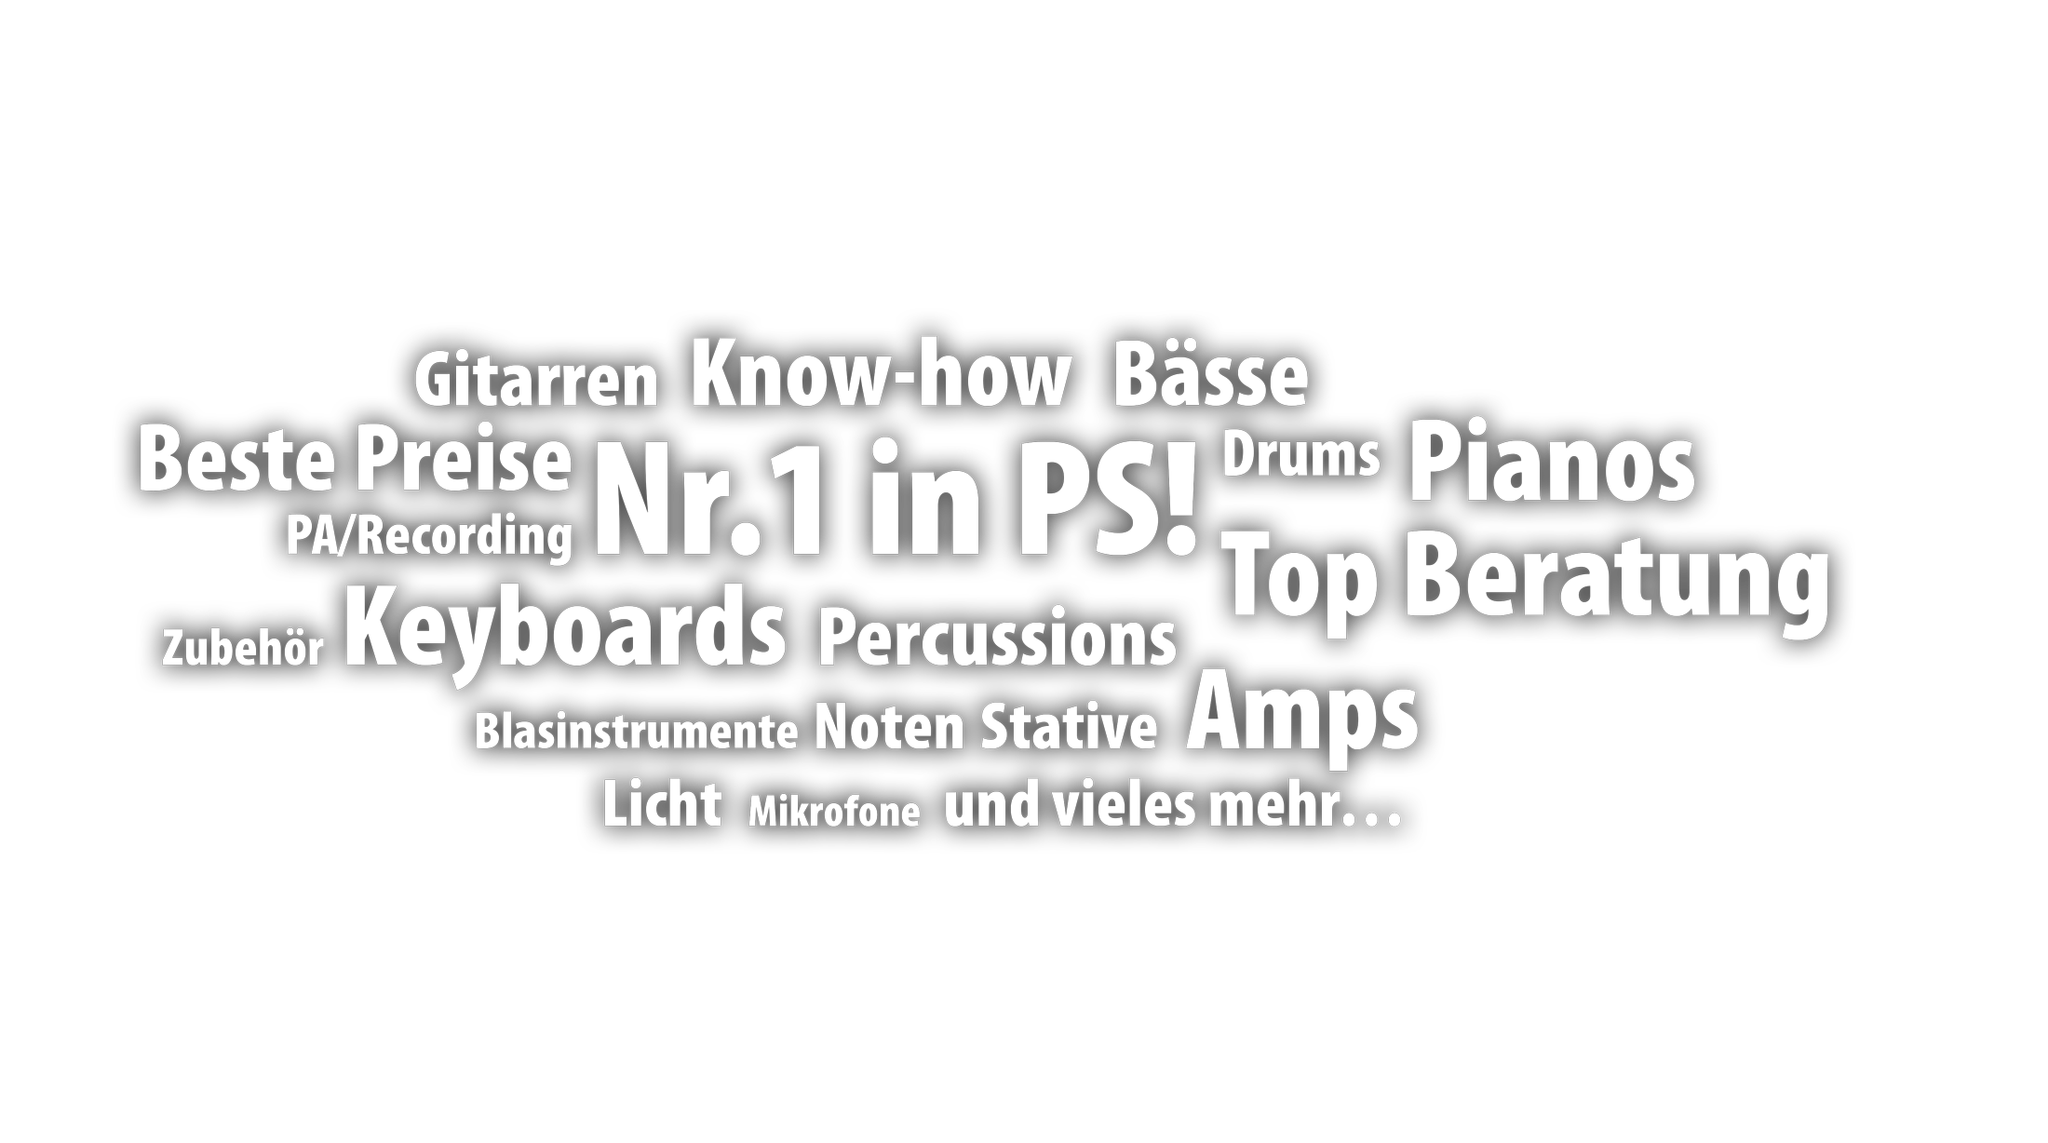 MB Music – Michael Bixler – Musikfachhandel Nr. 1 in Pirmasens und Region